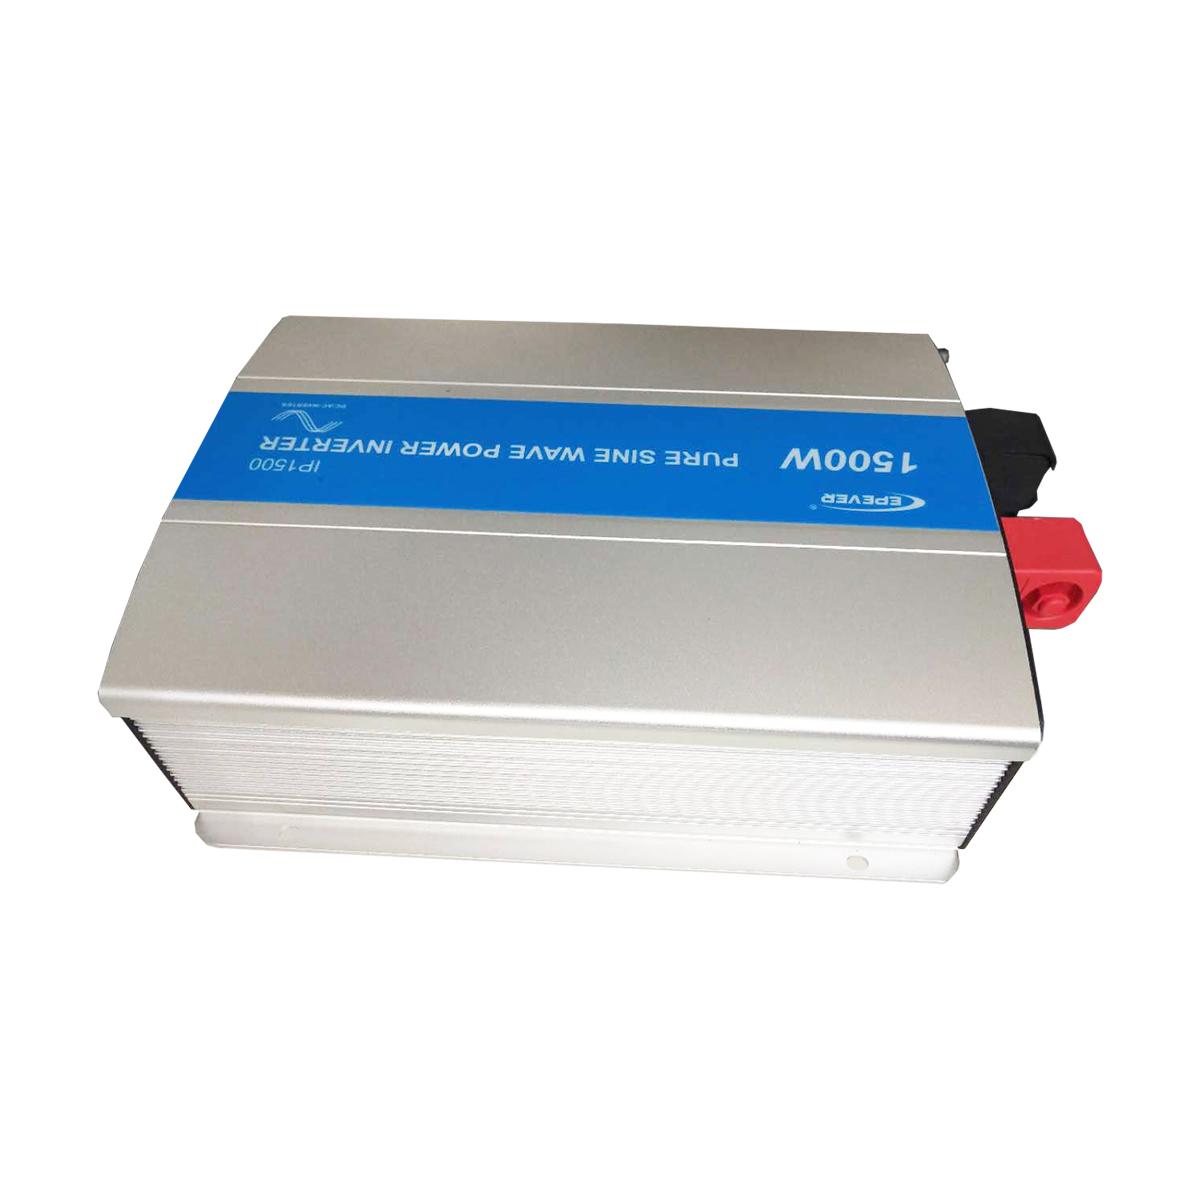 IP1500-21 Biến Tần 110 Watt Năng Lượng Mặt Trời 12V 24V 48V DC Sang AC 220V 1500 V